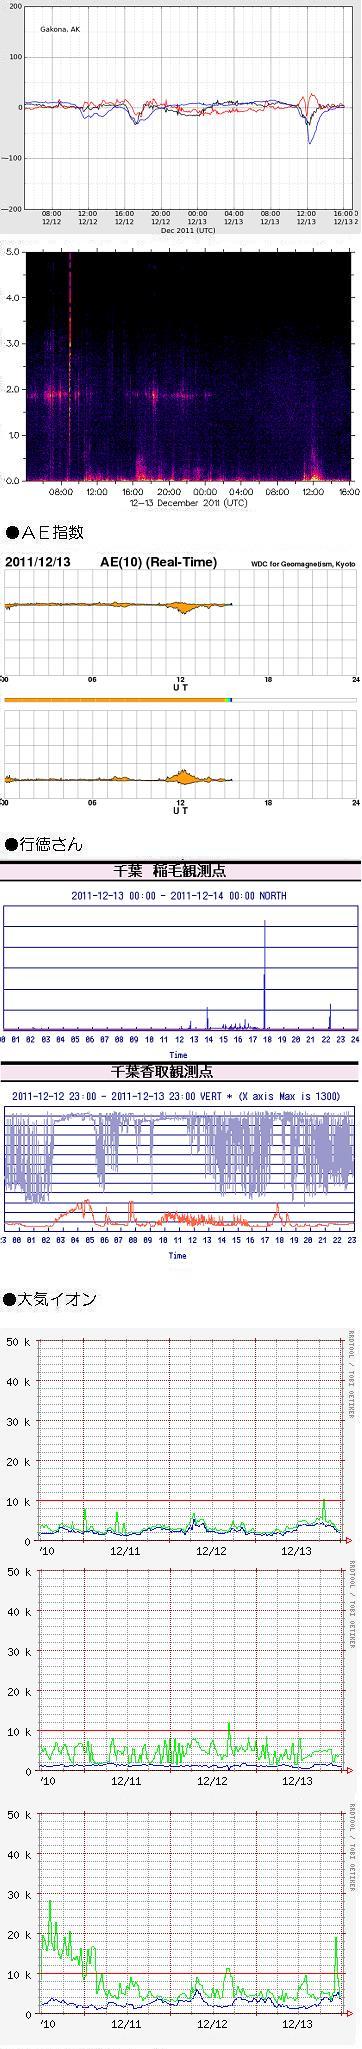 1214-1 データ